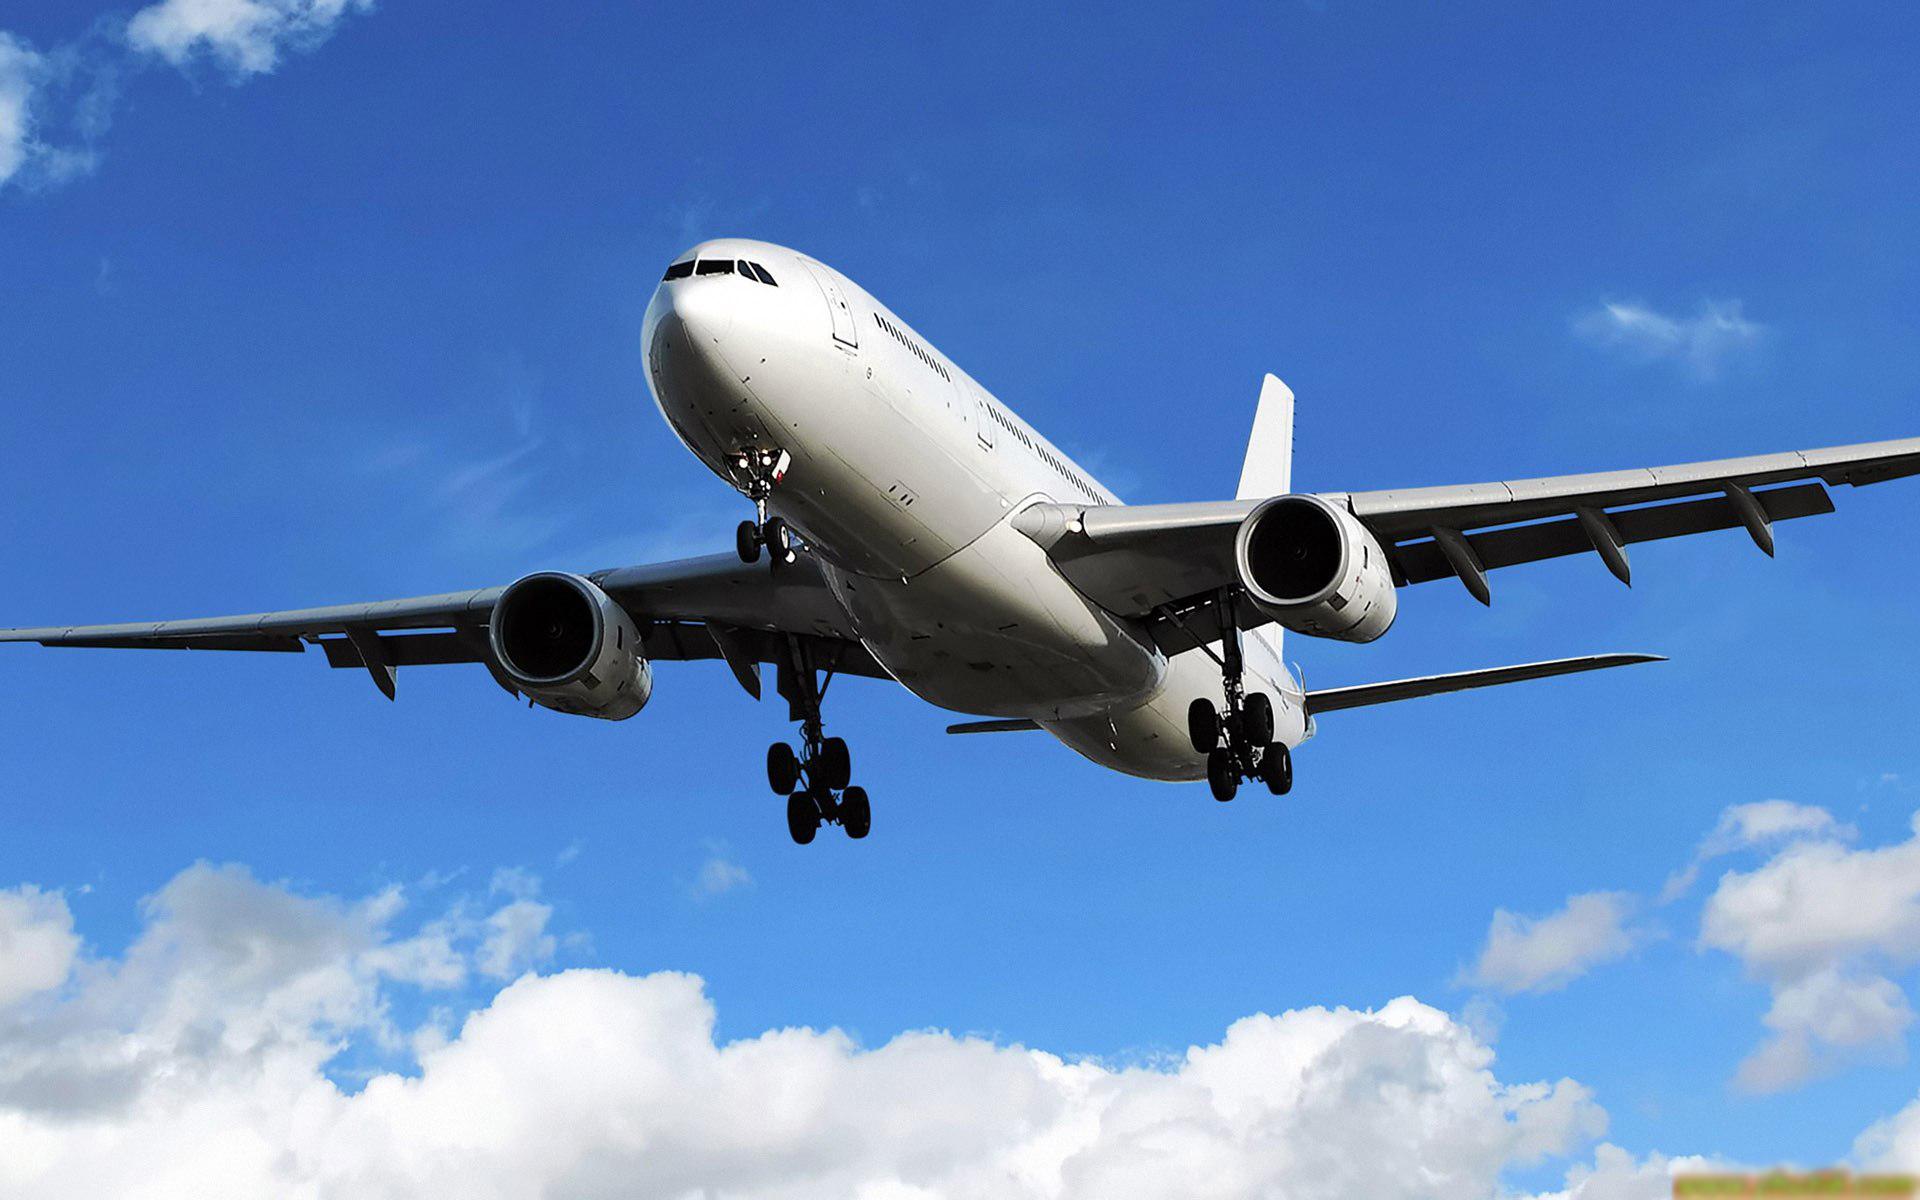 客车a320型飞机开通吉隆坡——北京往返定期客运航线